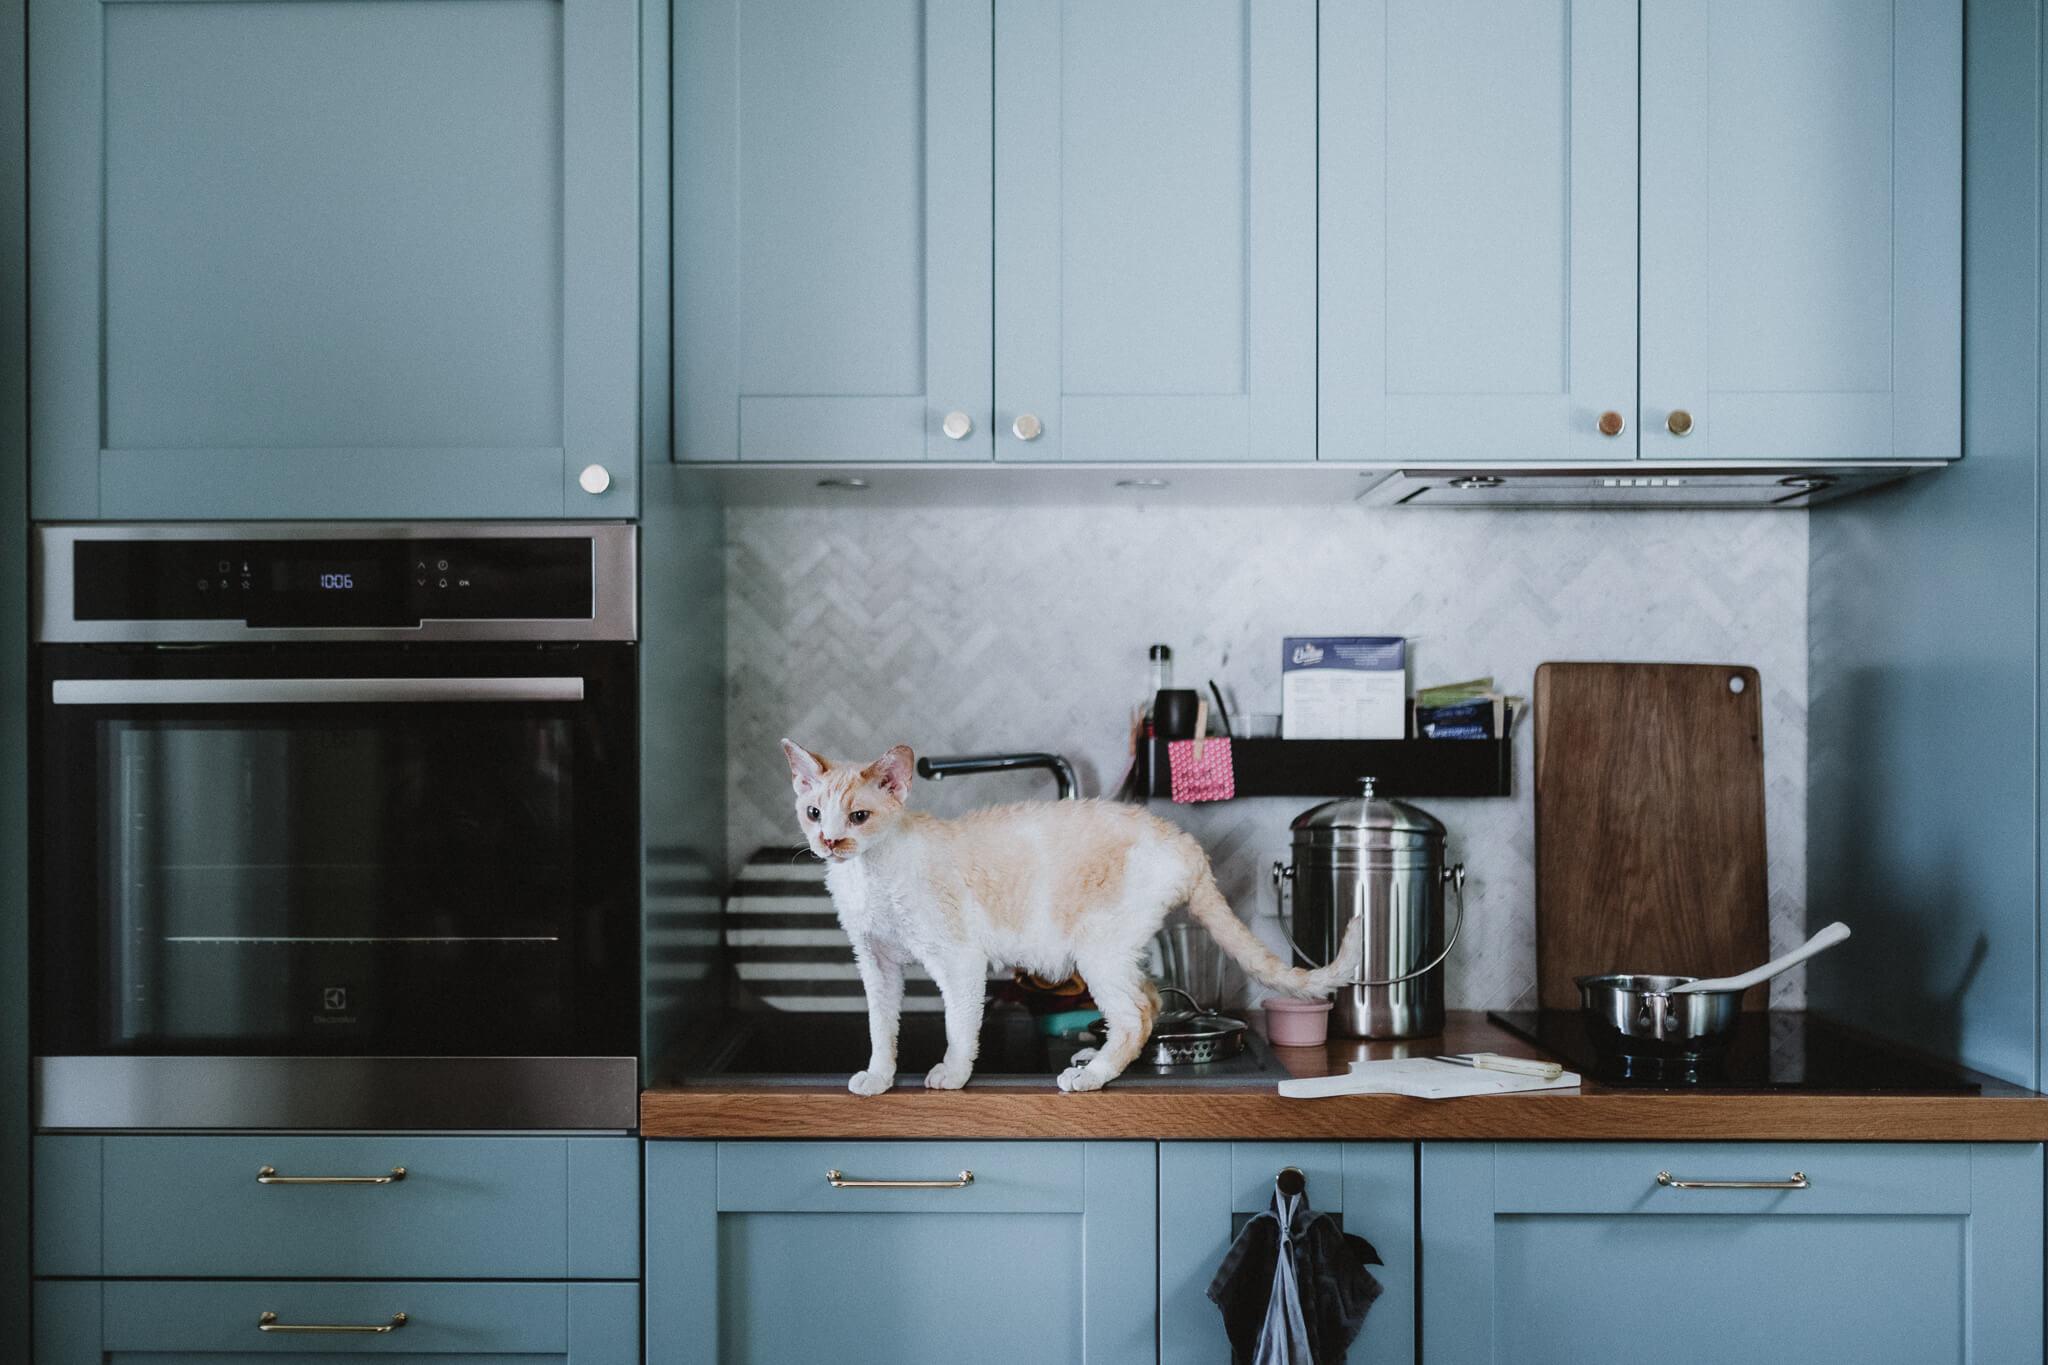 Foto Tartu köögist, kus kass kõnnib töötasapinnal